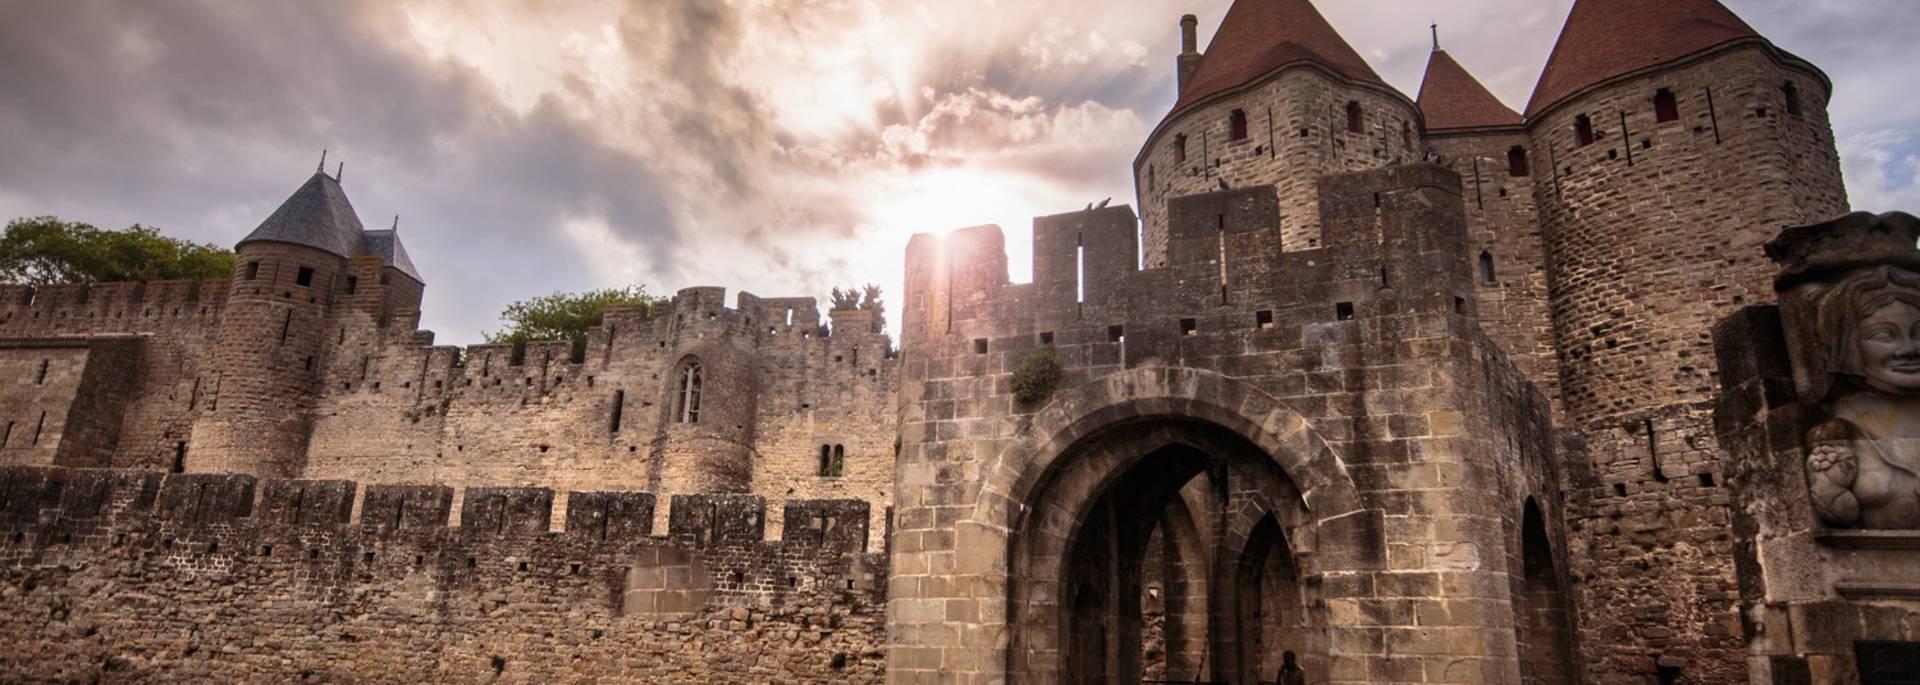 La porte Narbonnaise de la Cité de Carcassonne